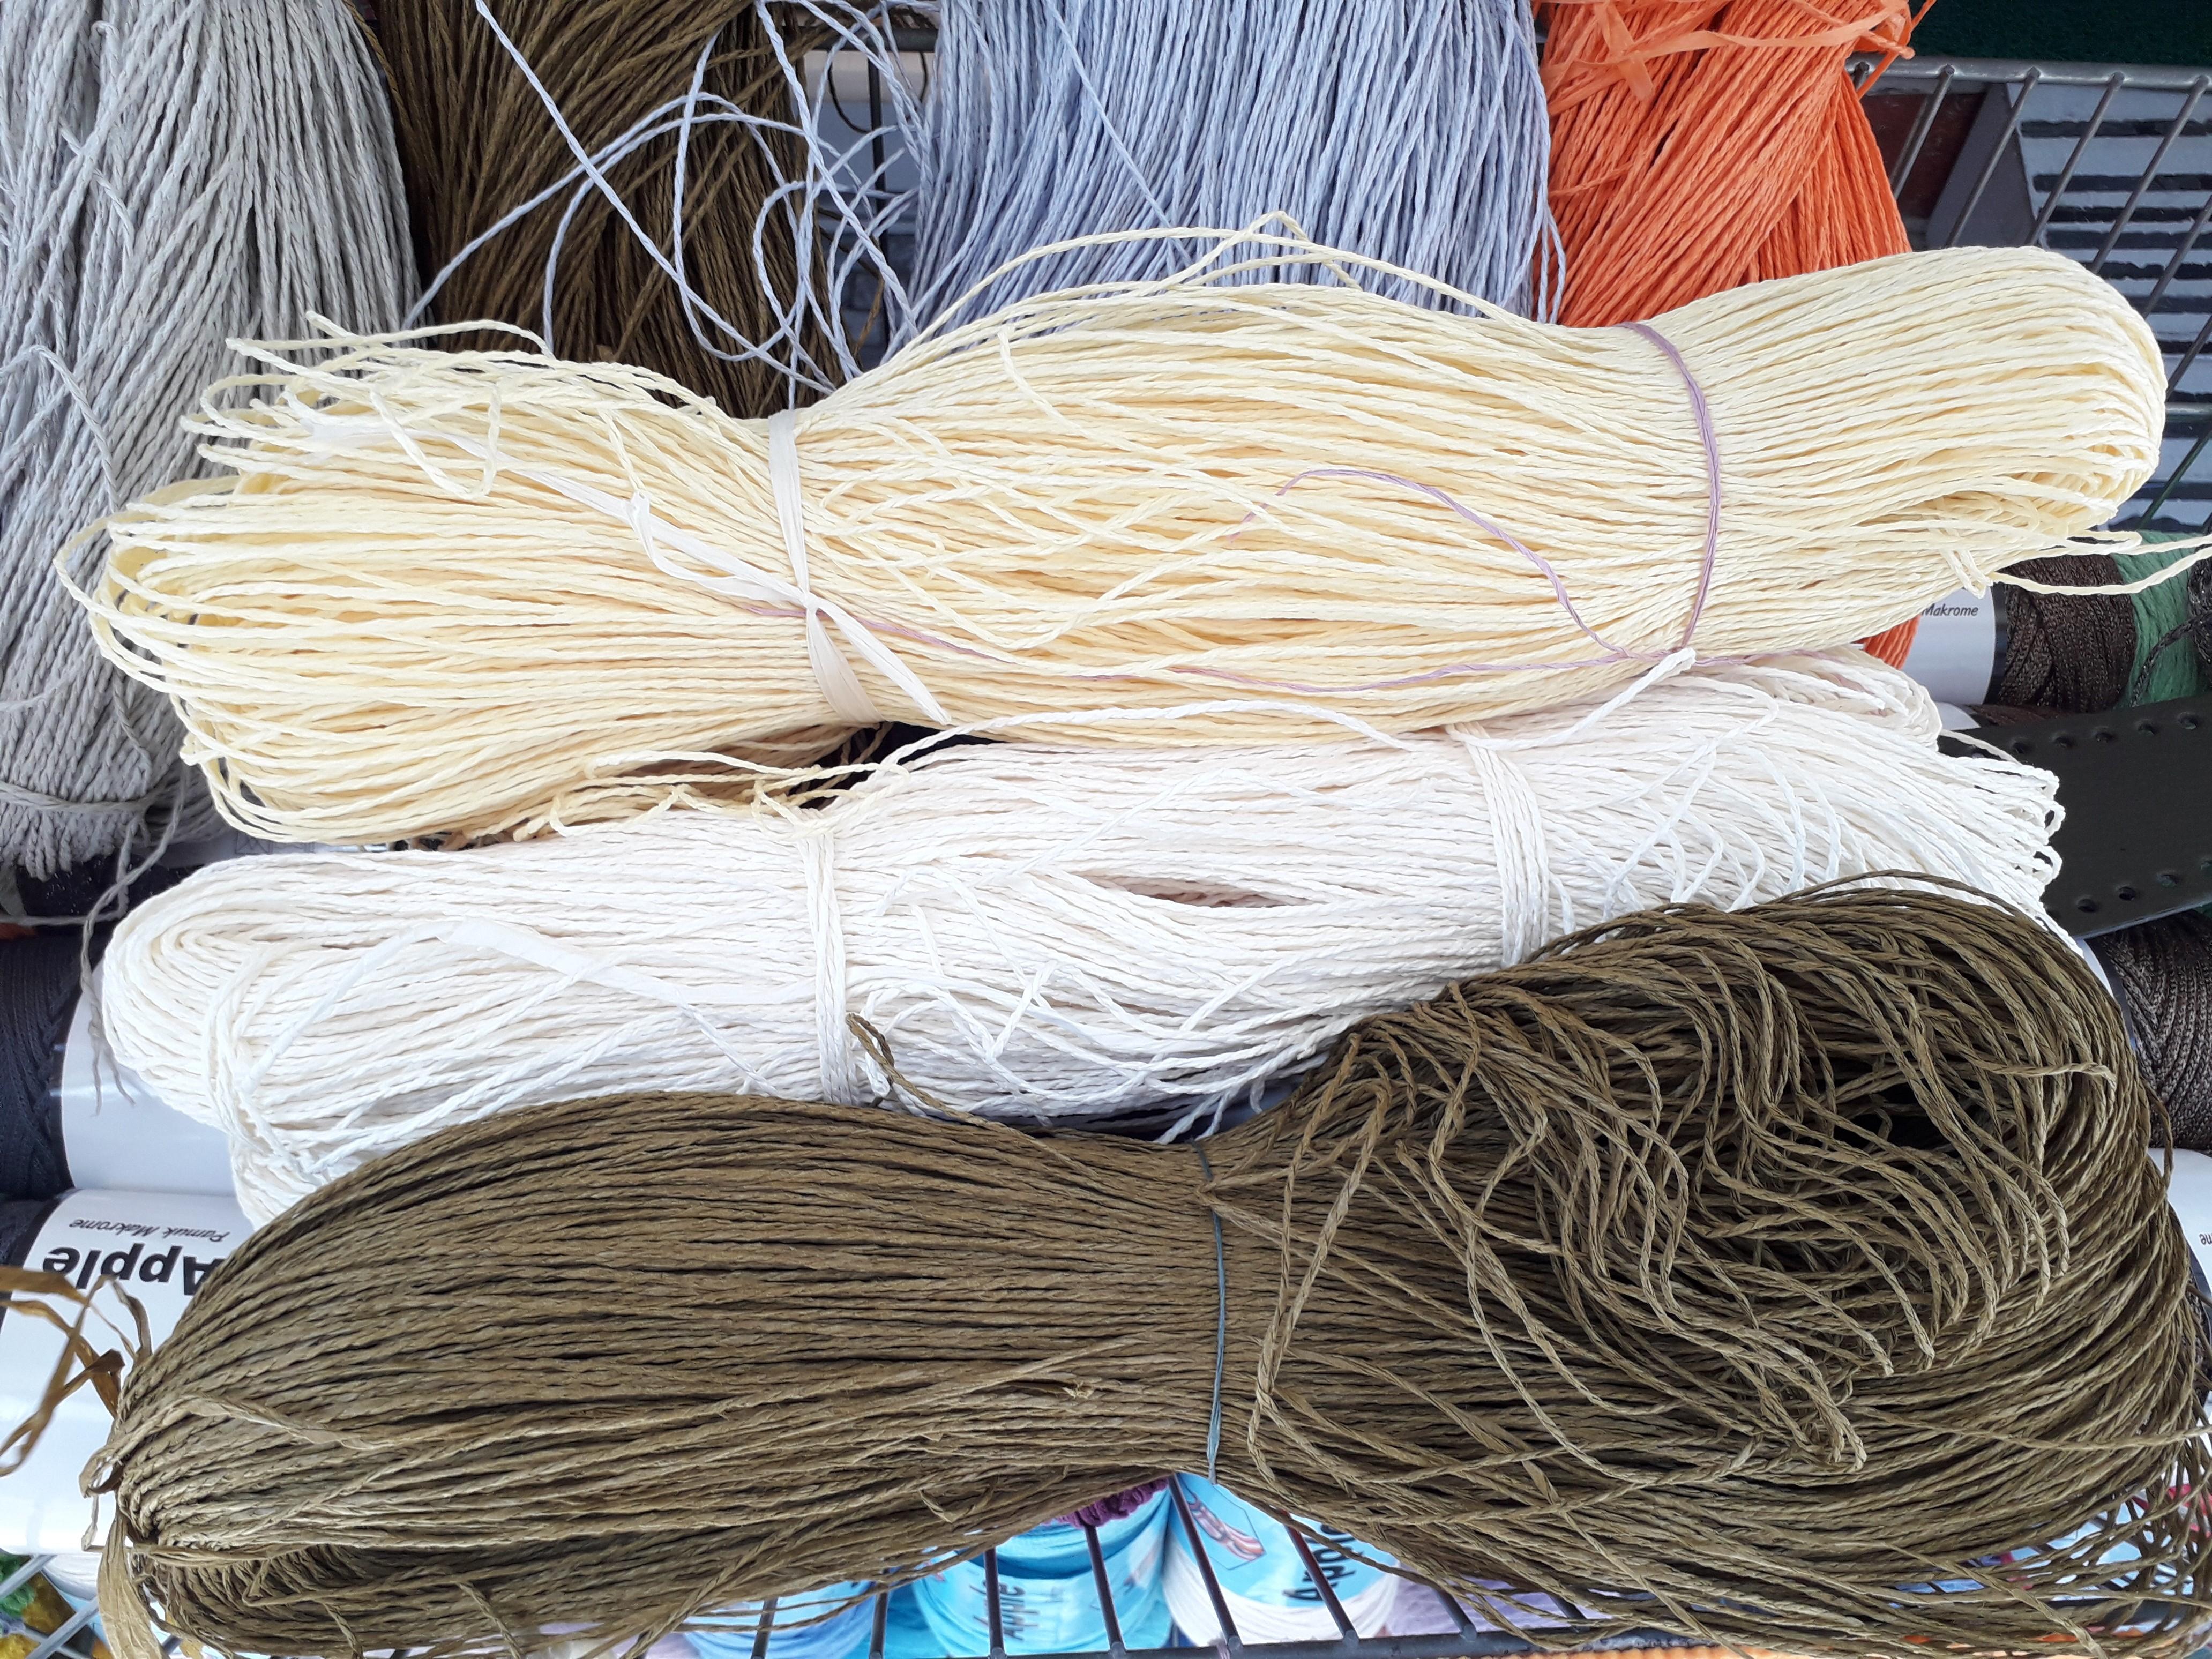 Straw & Paper Yarn Rolls